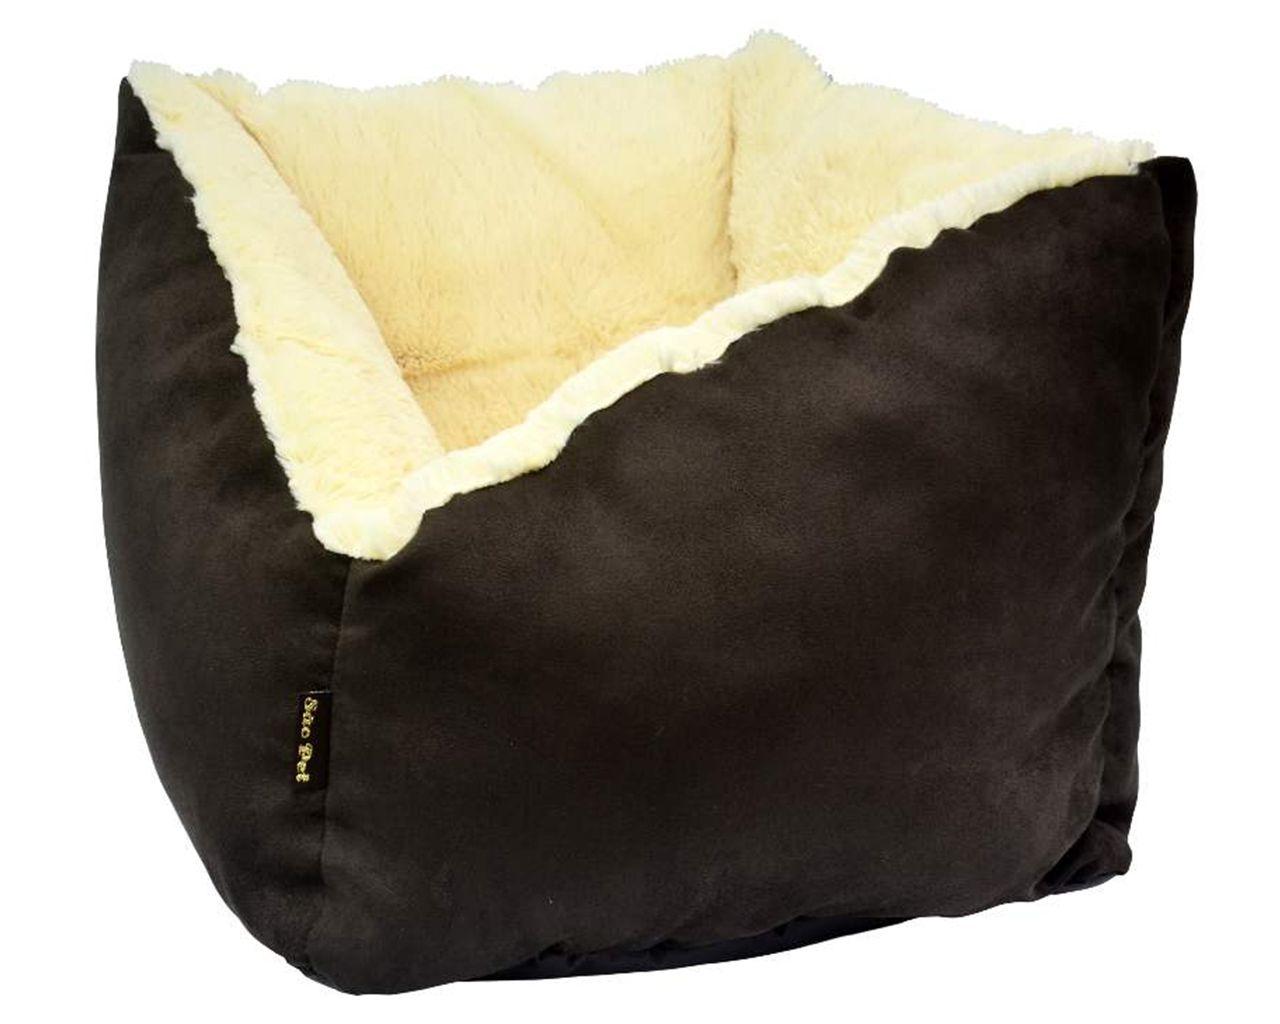 Cama para Cães ou Gatos de sued com tecido interno de ovelha fofinho. Caminha cachorro ou gato modelo Napoli São Pet